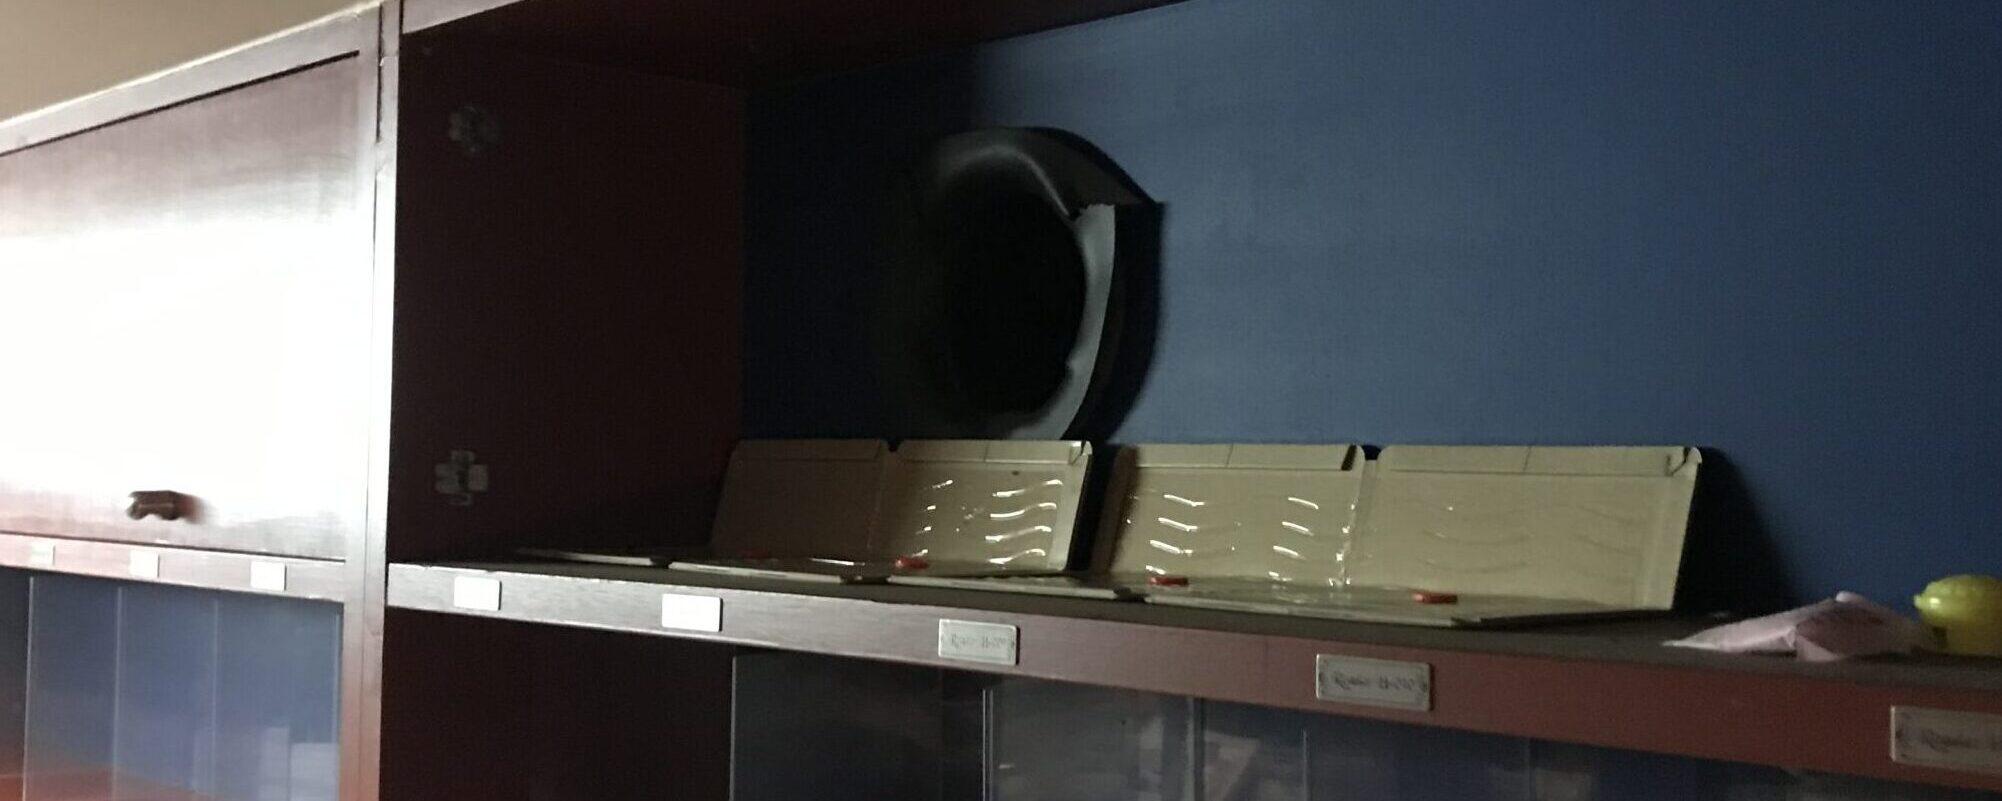 千葉県松戸市のR様のネズミ駆除:施工後